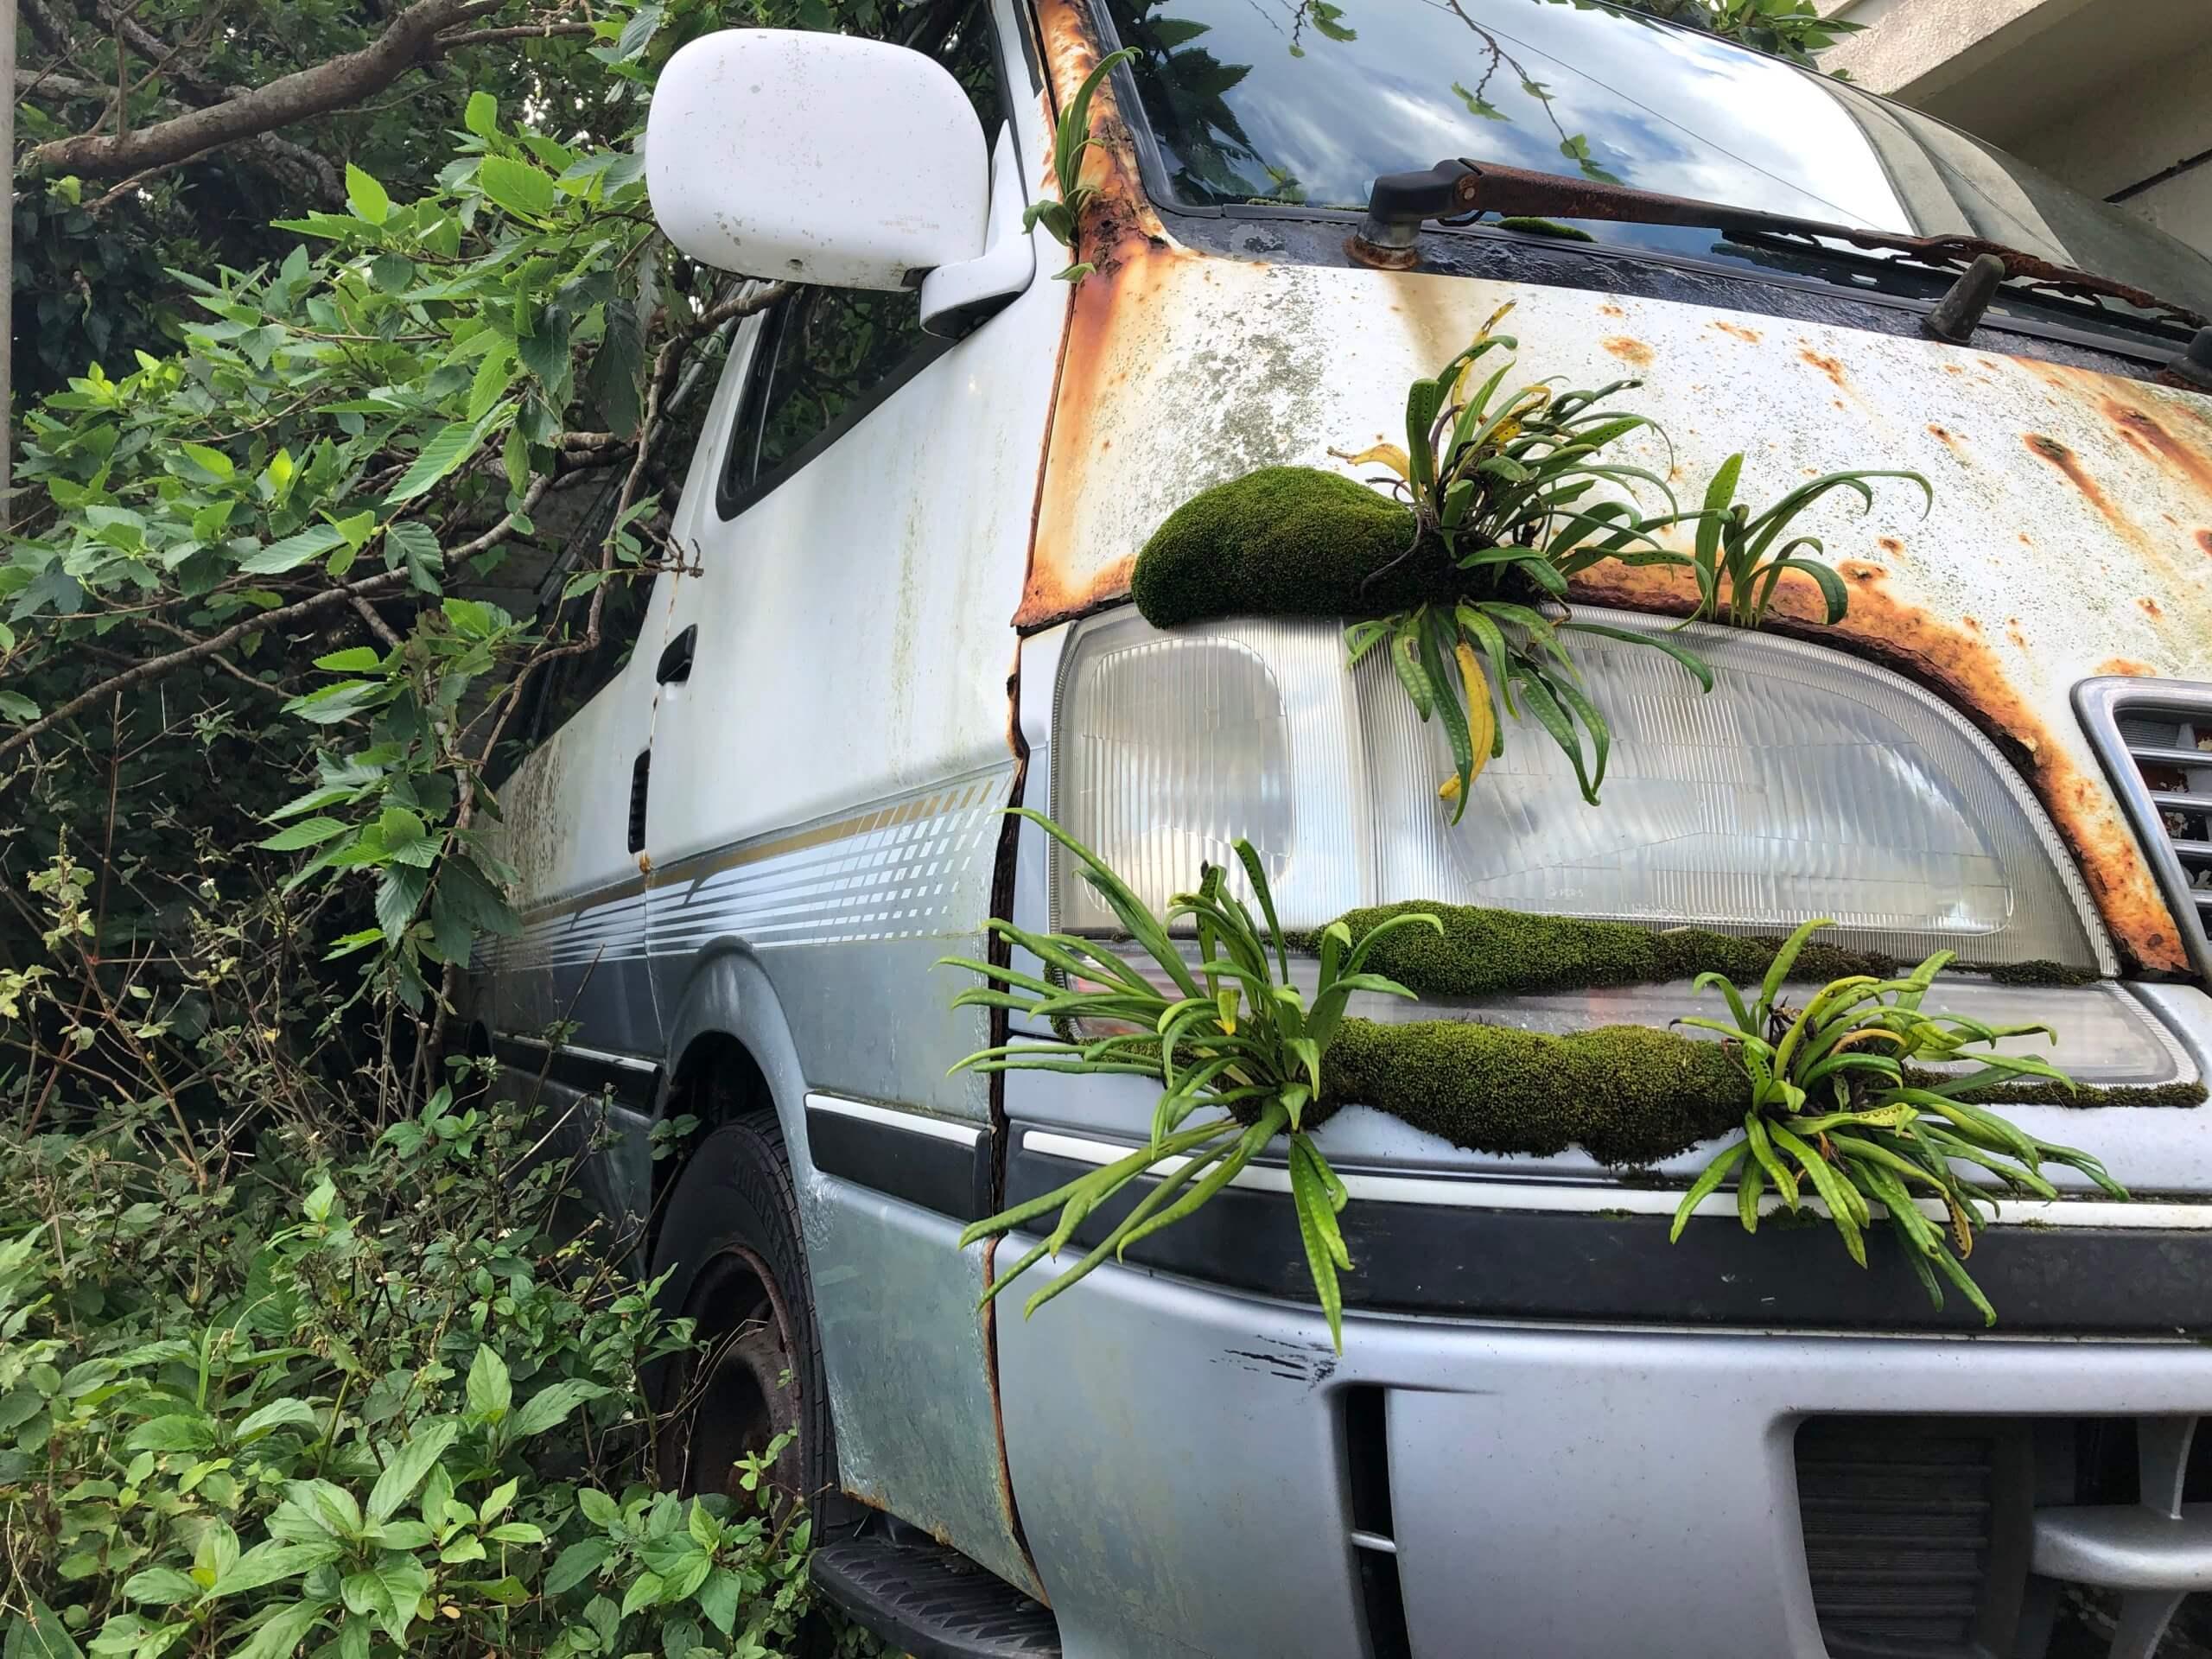 車から植物